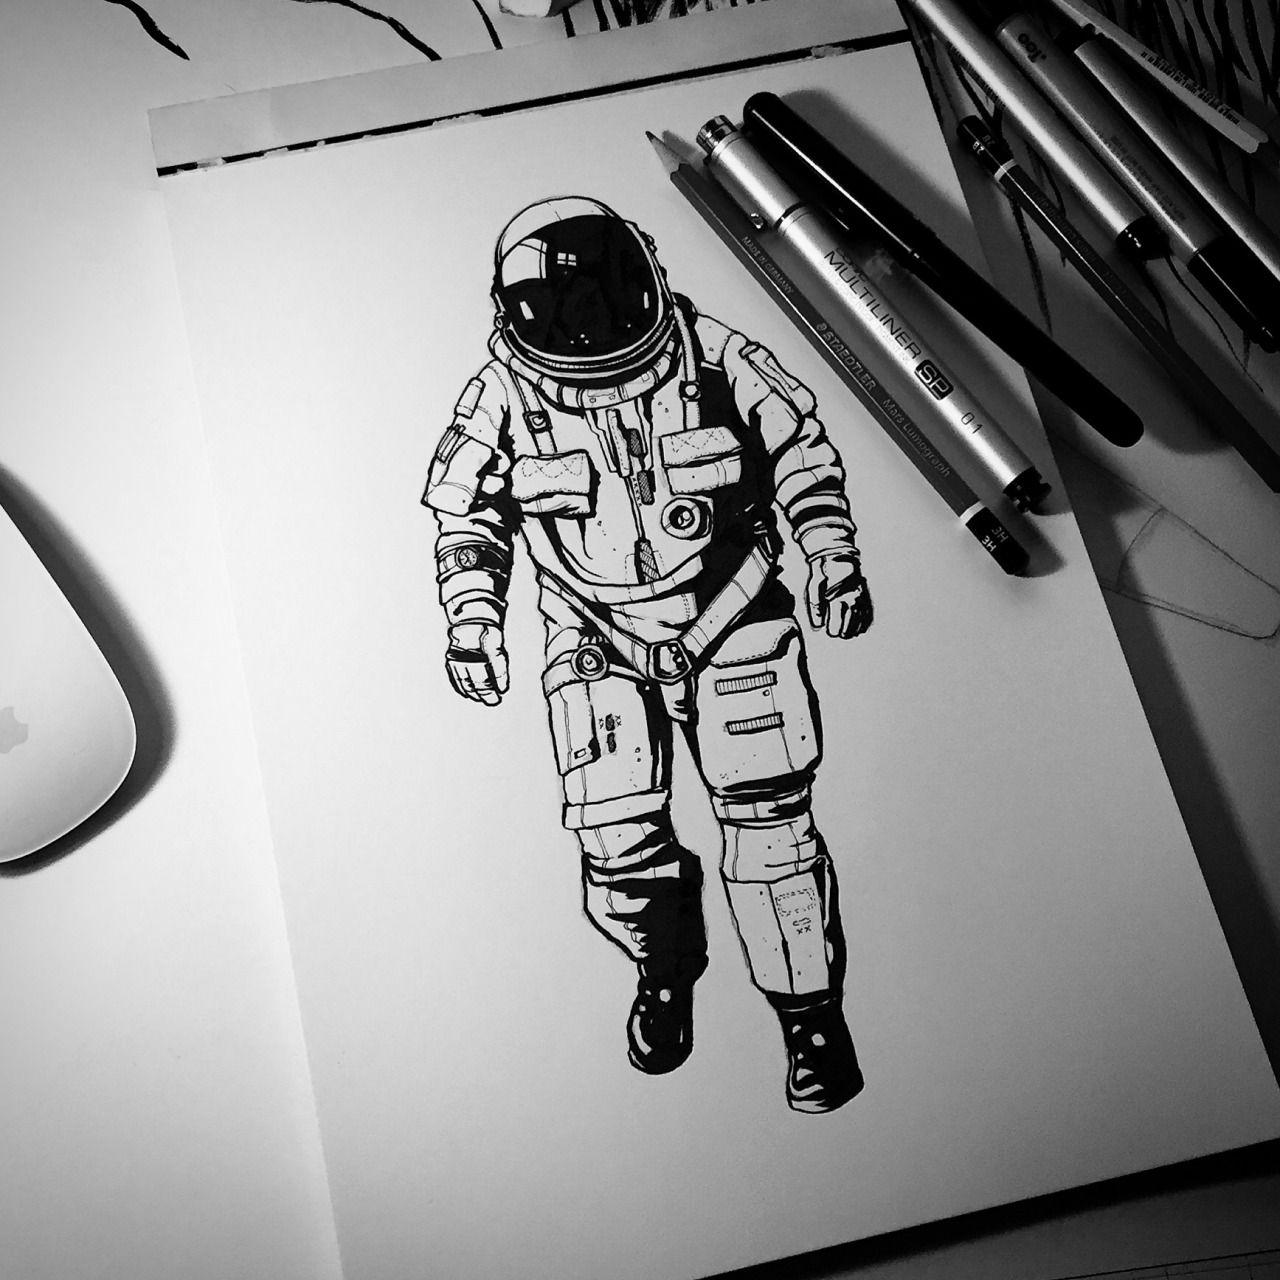 это астронавт картинка для тату поехала